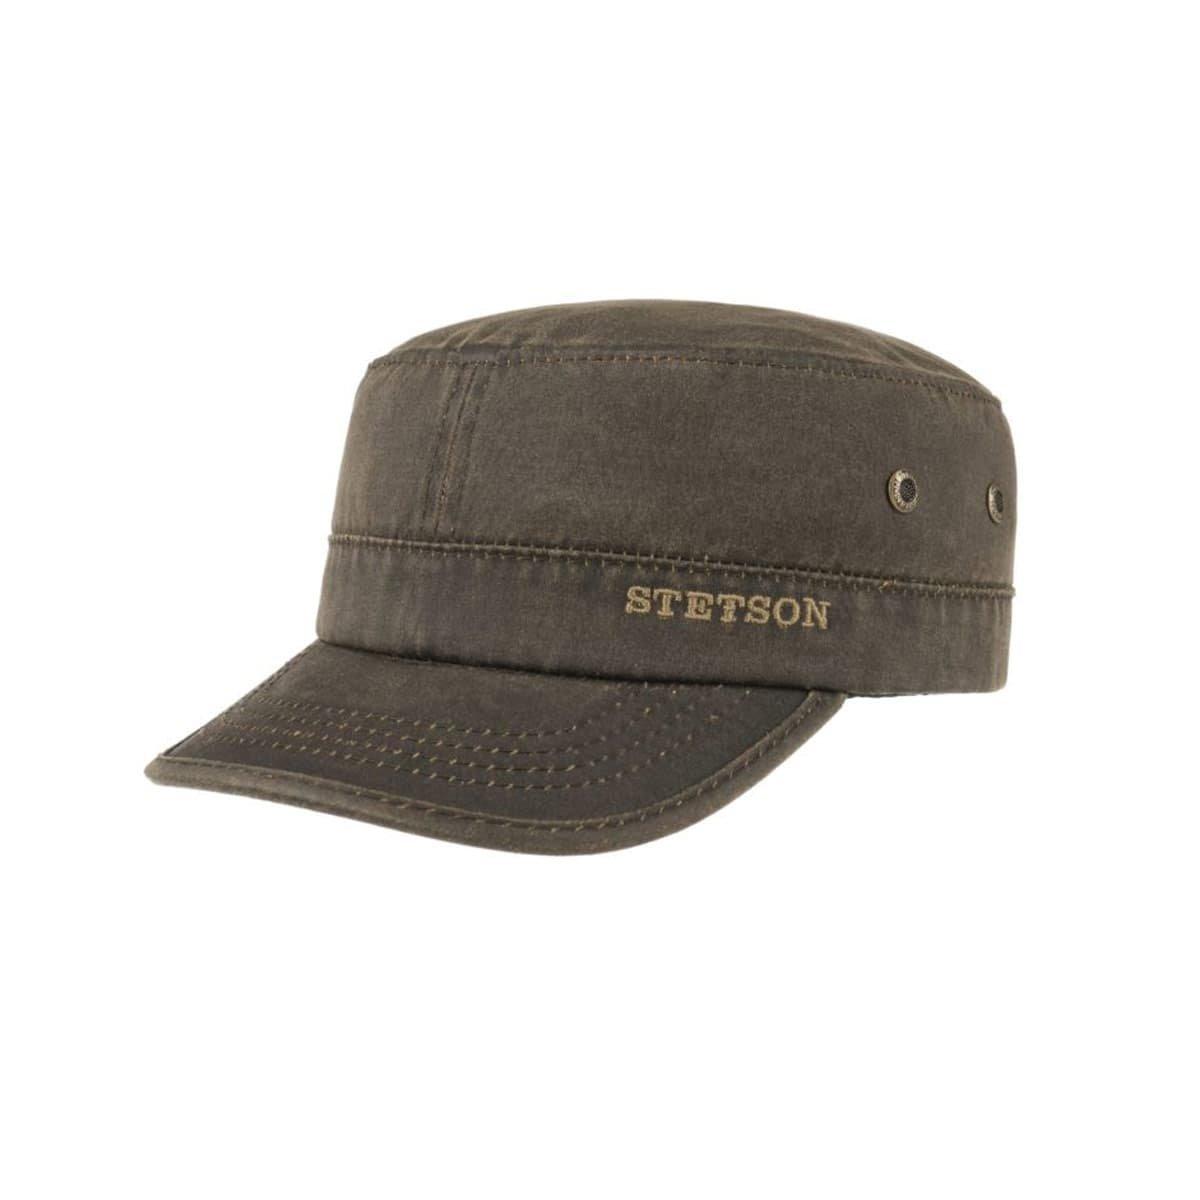 d187f46a Cuba cap style signed STETSON ...